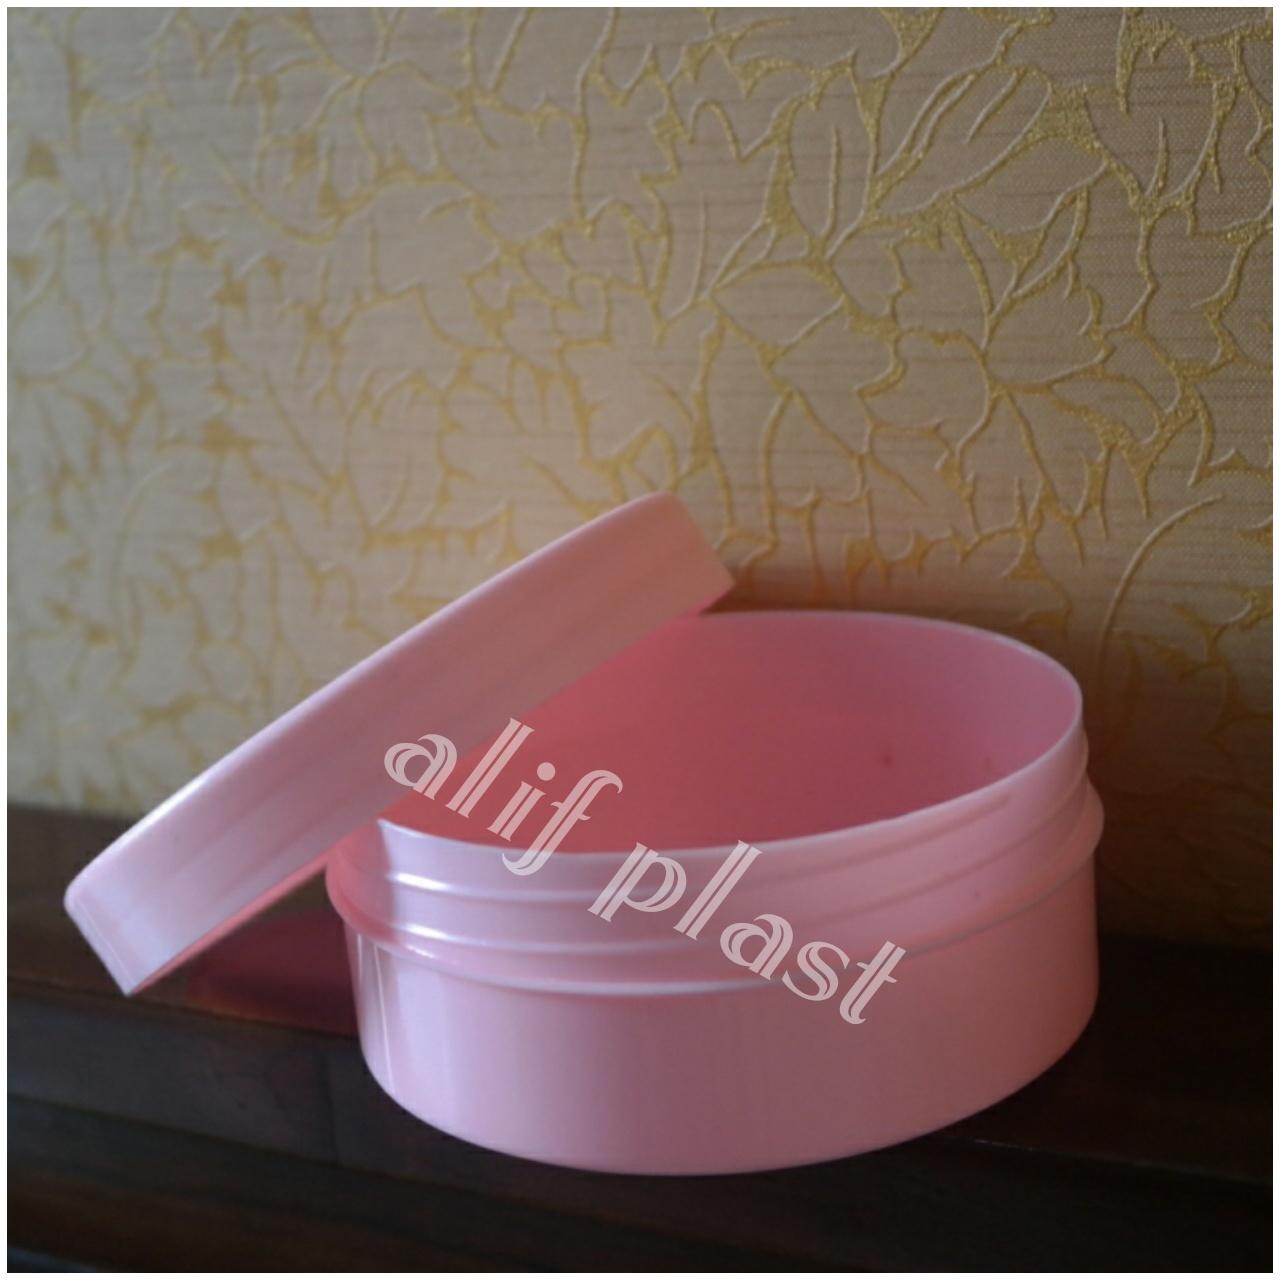 Jual Pot Lulur 250 Gram Pink Alif Muslim Store Tokopedia Gr Tinggi